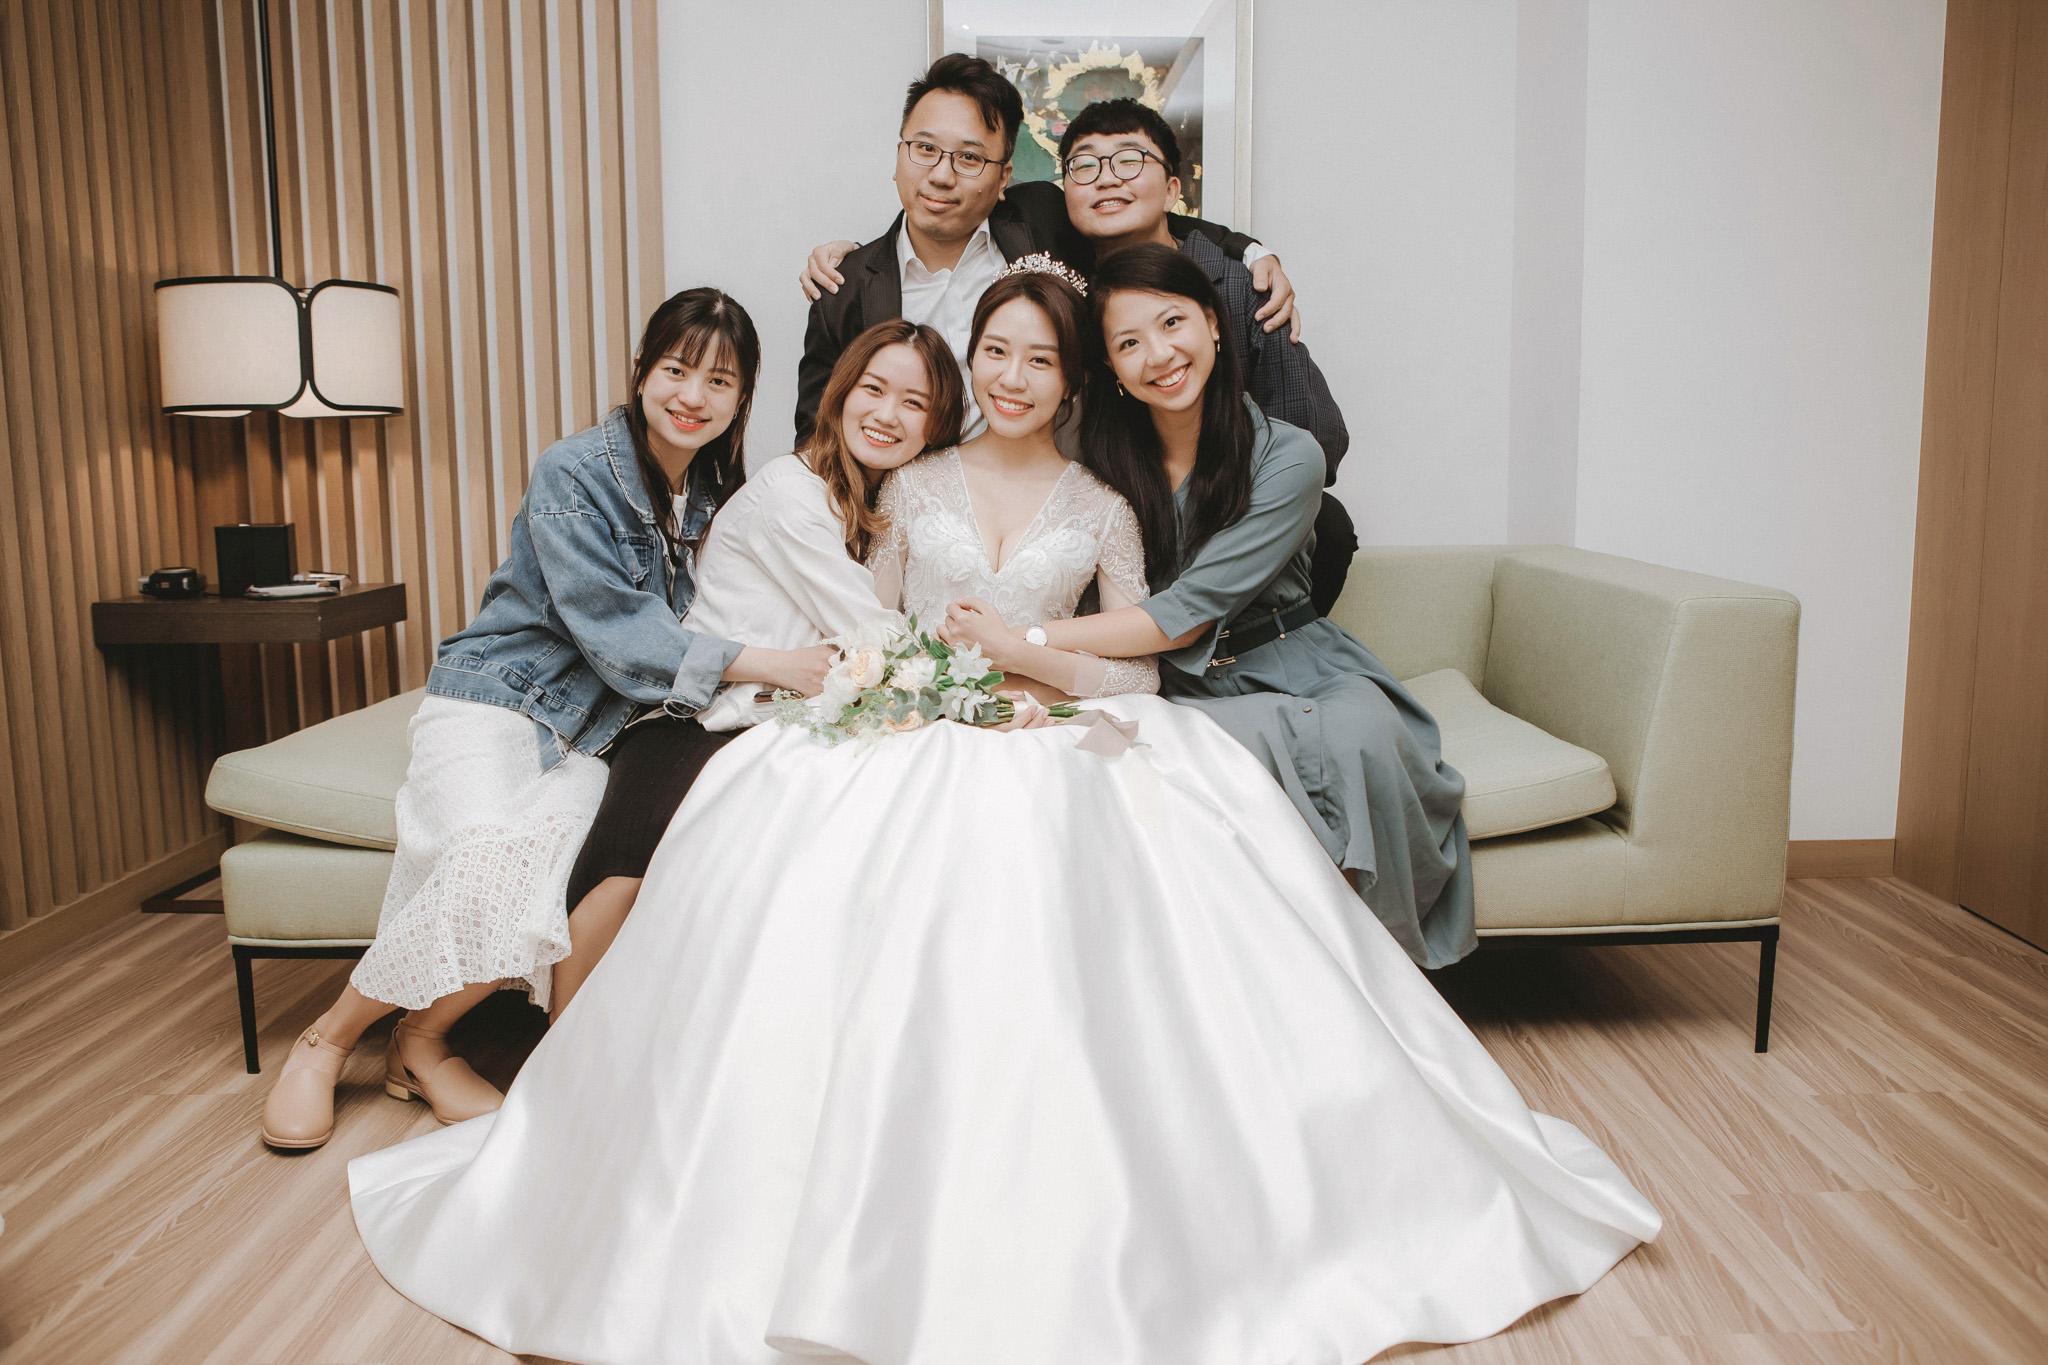 EW 居米 台北婚宴 台北婚紗 台北婚攝 國泰萬怡 台北婚禮 -19